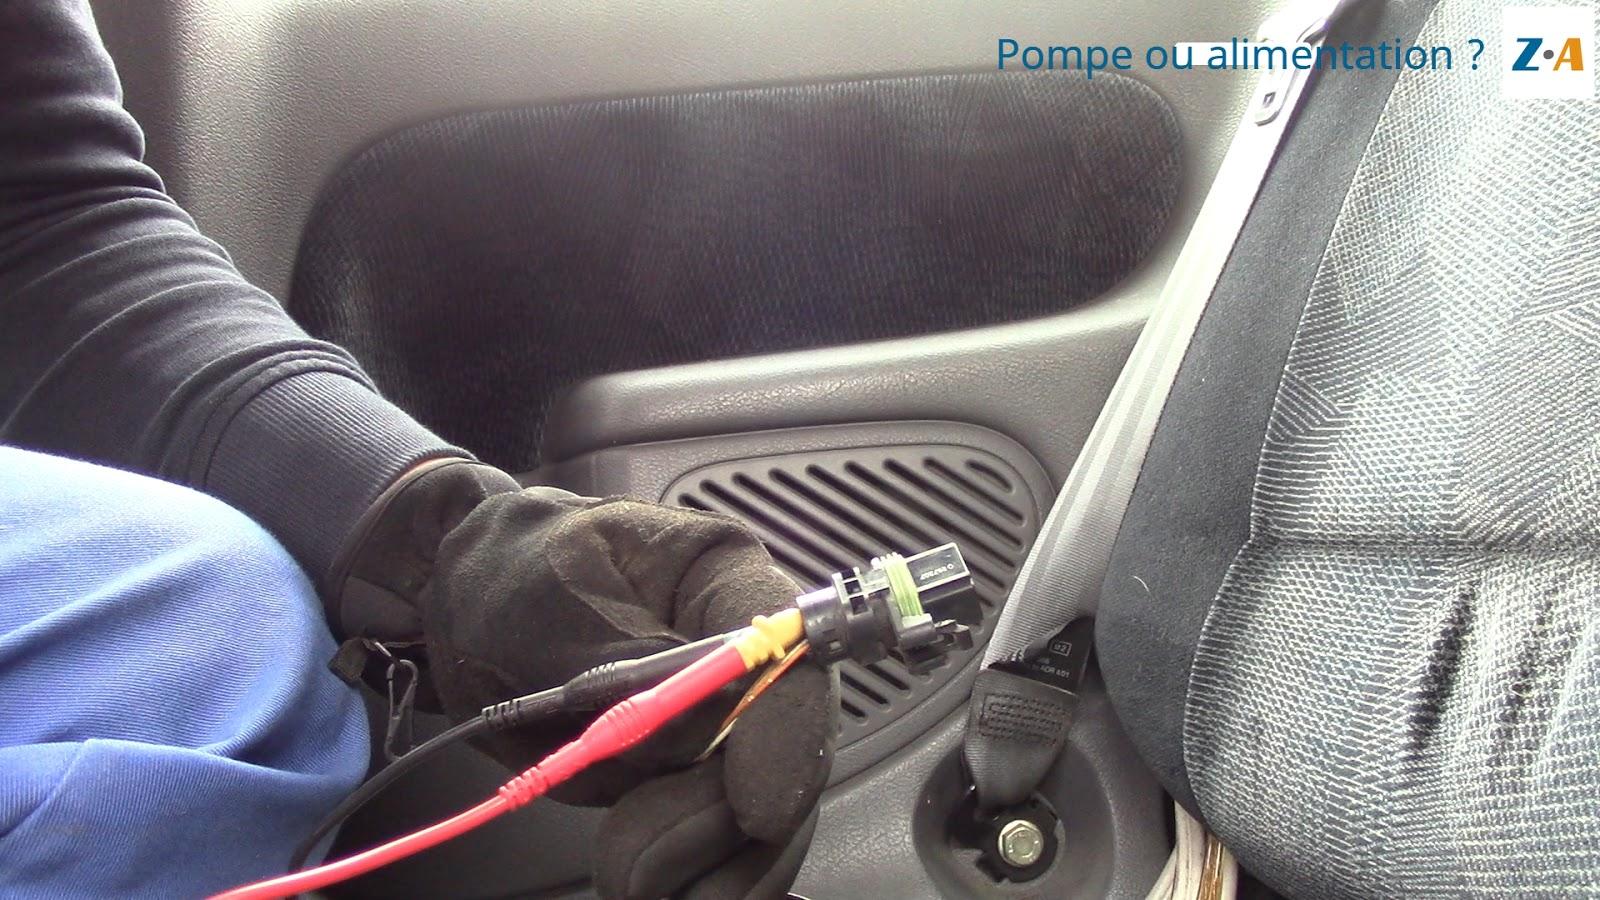 La mesure est effectuée à l'arrière de la prise grâce à des broches à aiguilles.